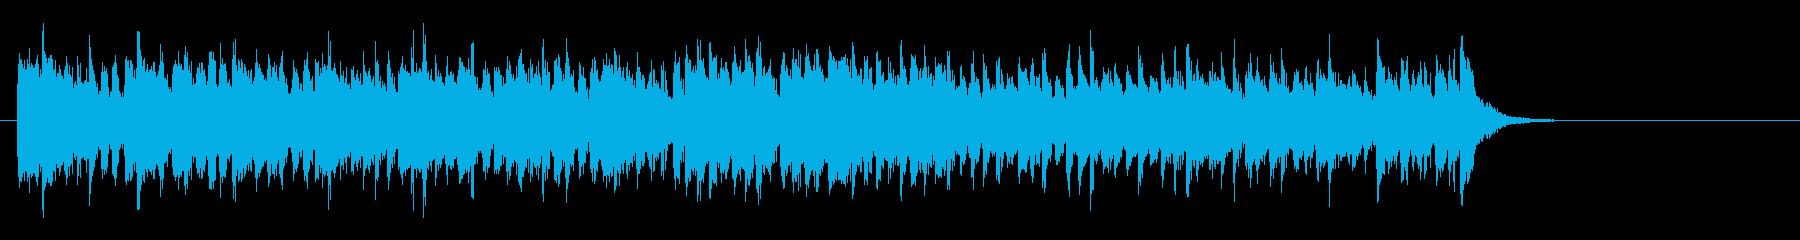 爽やかなミディアムポップ(サビ~エンド)の再生済みの波形